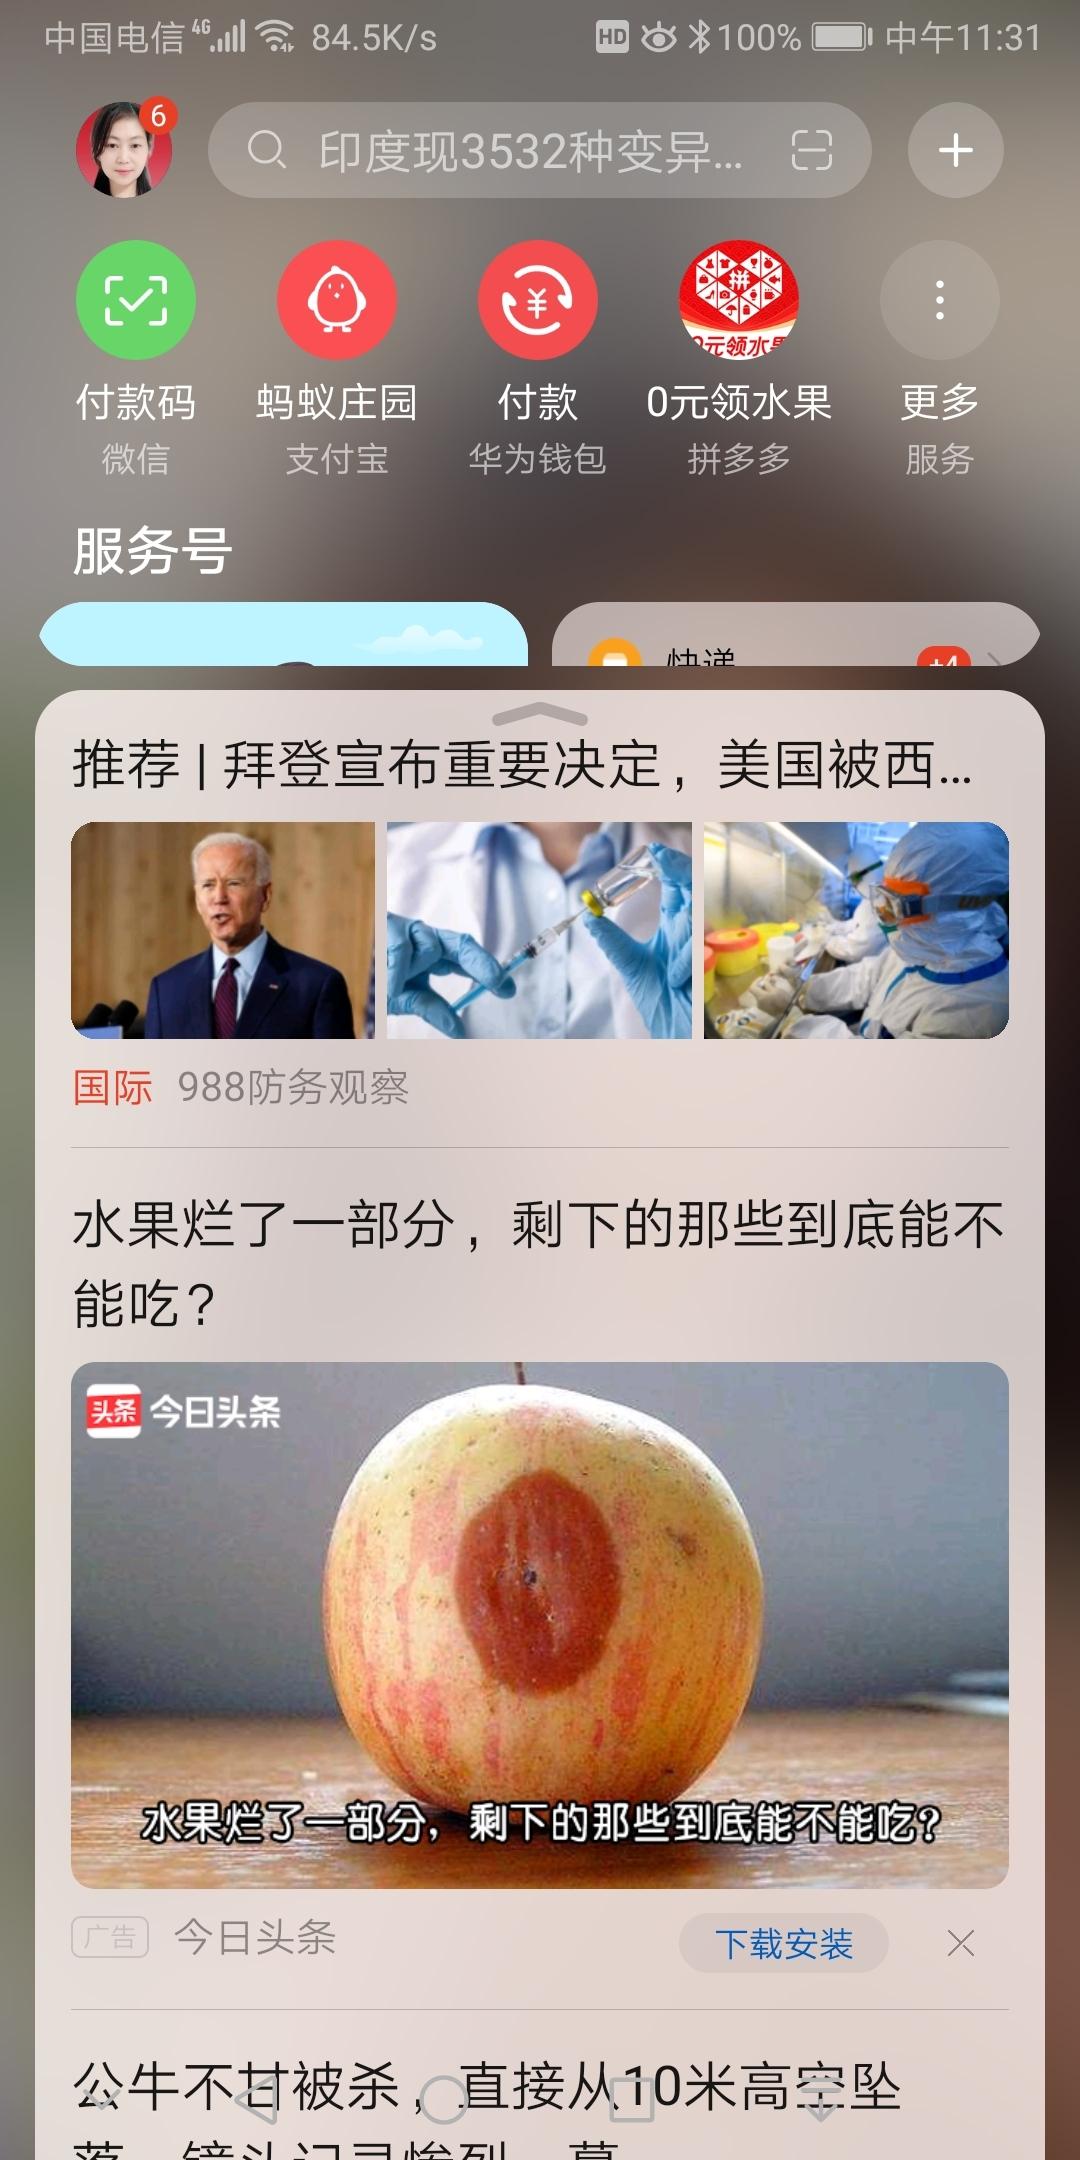 Screenshot_20210508_113153_com.huawei.android.launcher.jpg